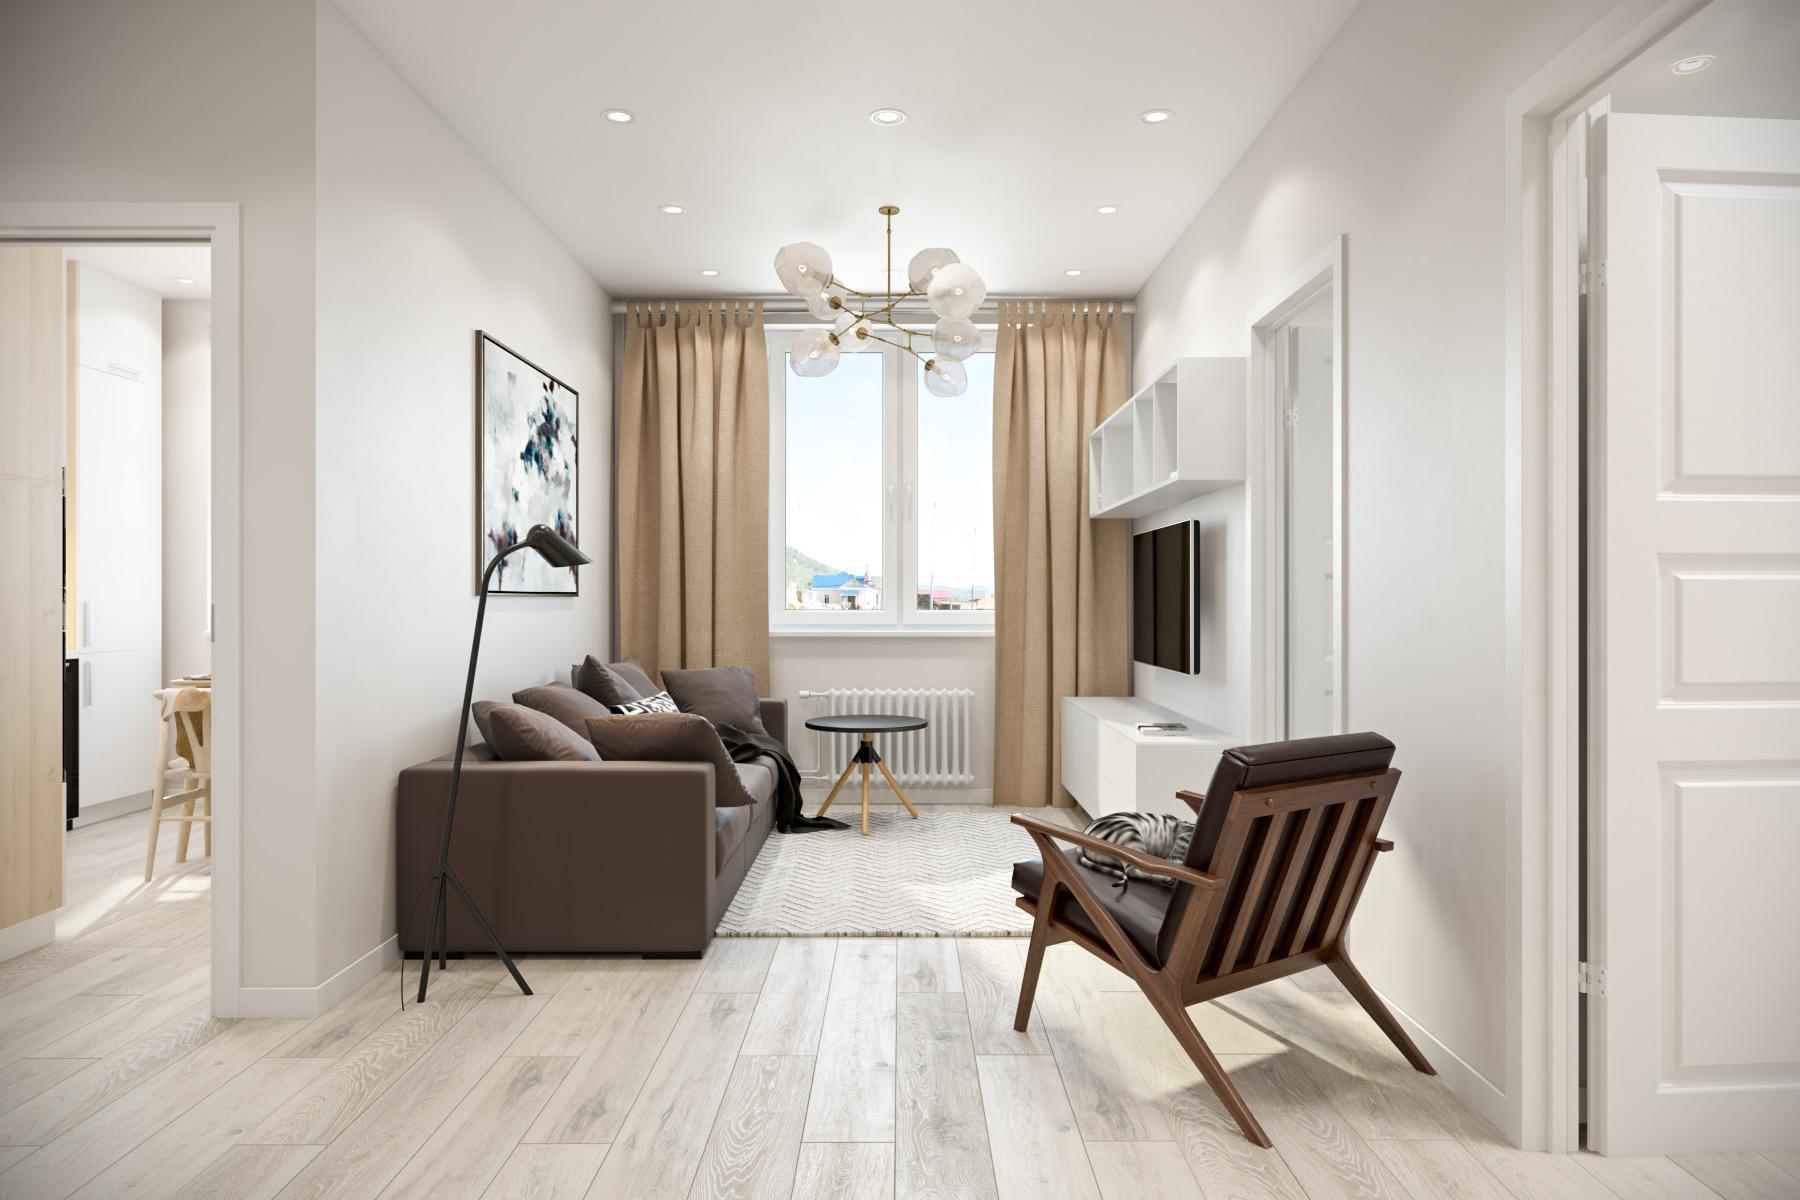 двухкомнатная квартира скандинавский стиль